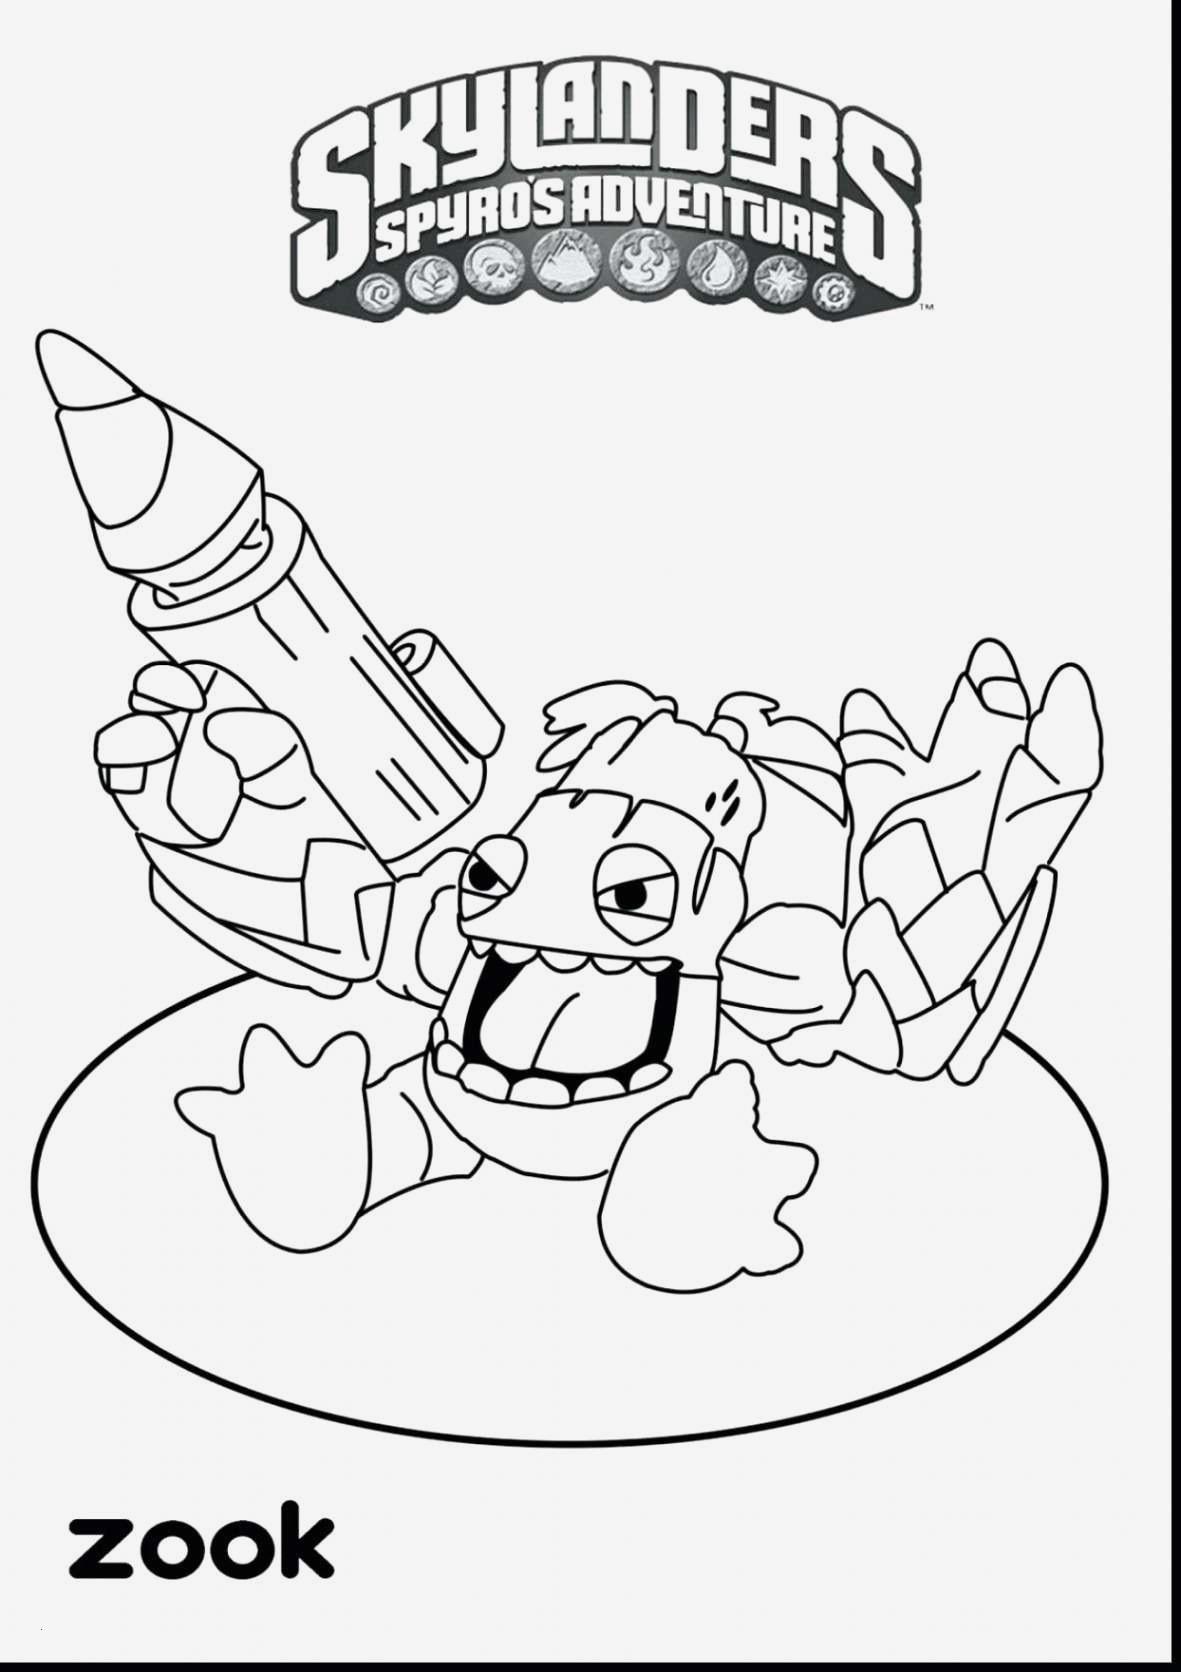 Shaun Das Schaf Ausmalbild Genial Mario Ausmalbilder Zum Ausdrucken Luxus sonic Ausmalbilder Best Galerie